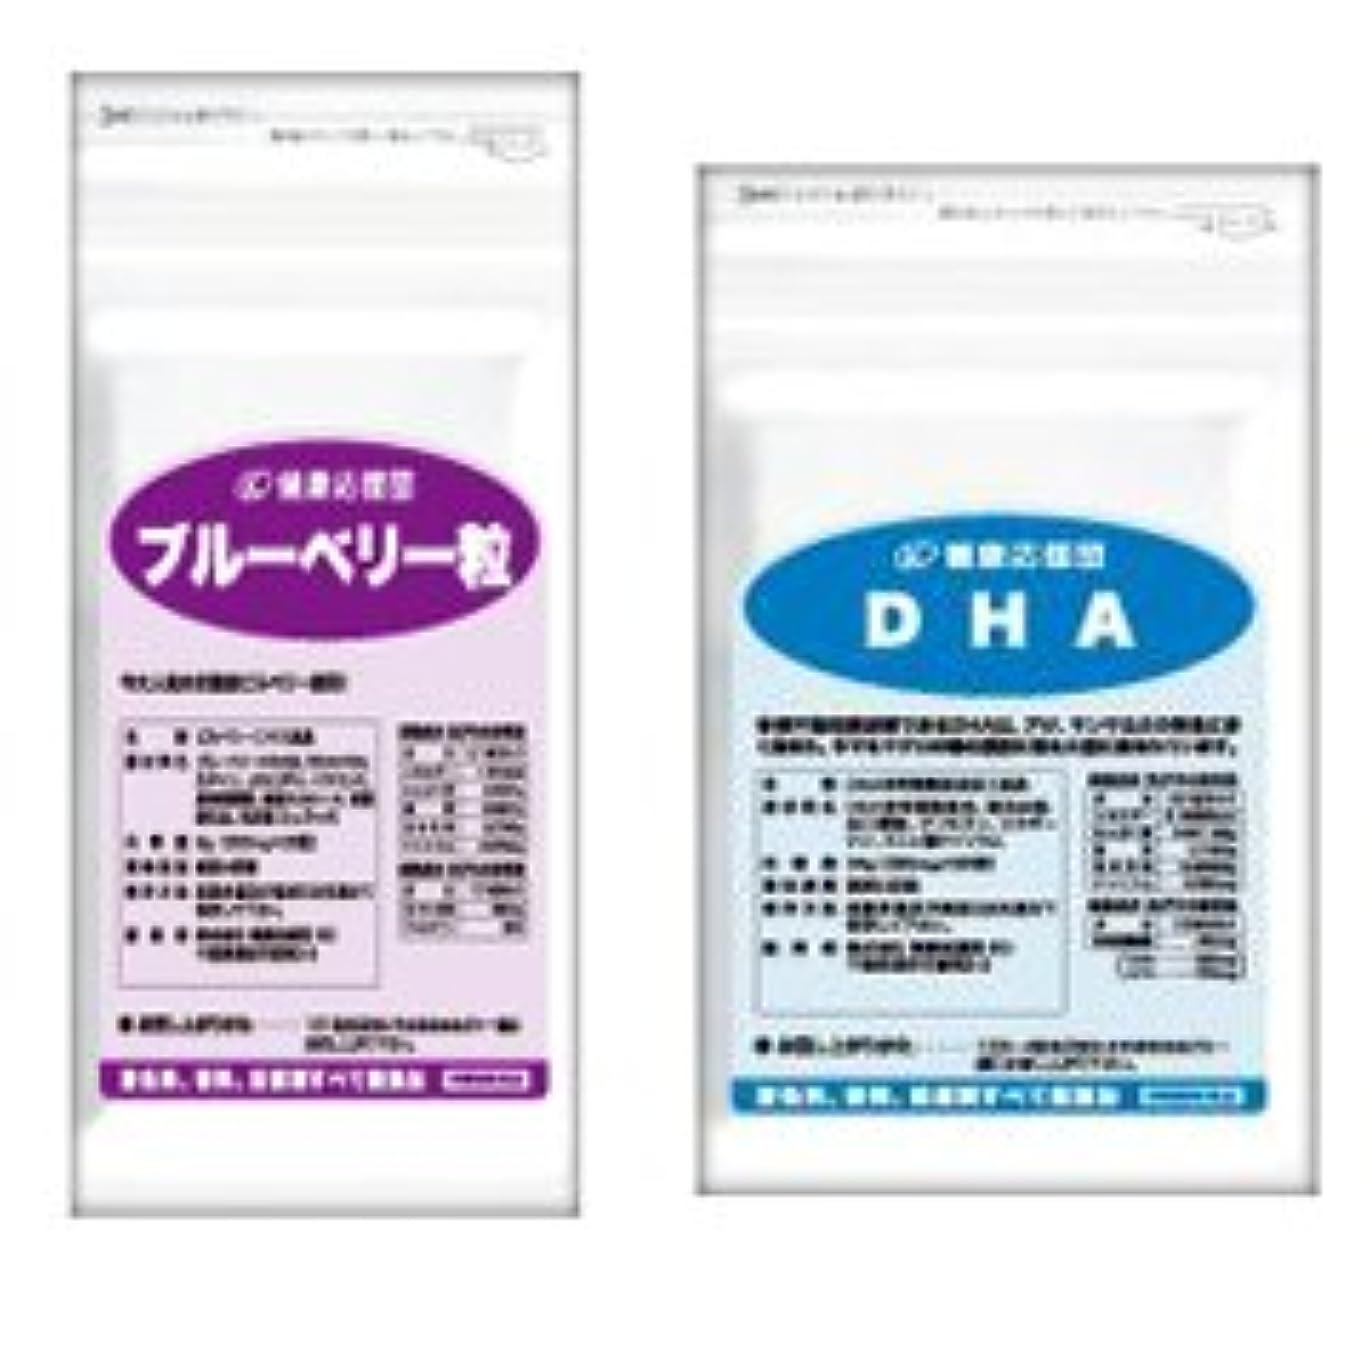 ラフレシアアルノルディ魅力的であることへのアピール床を掃除する瞳すっきりセット ブルーベリー + DHA (DHA?EPA?カシス?ルテイン配合)